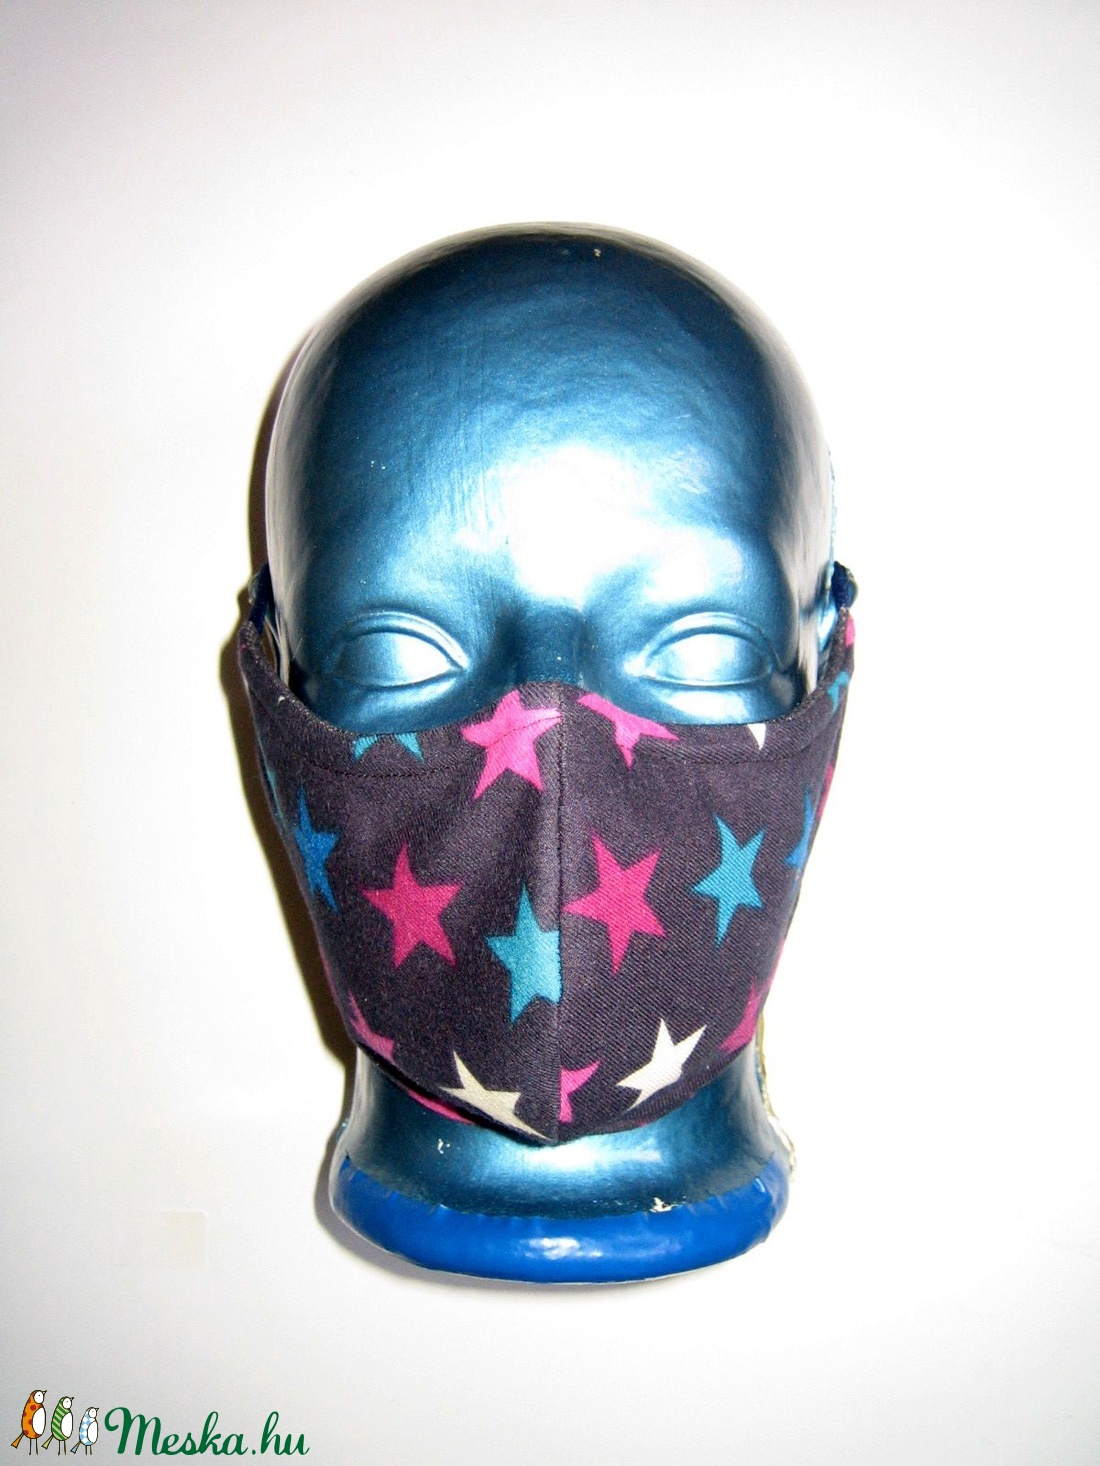 Szájmaszk szemüvegeseknek orrmerevítős arcmaszk fülre akasztható textil maszk  - maszk, arcmaszk - női - Meska.hu